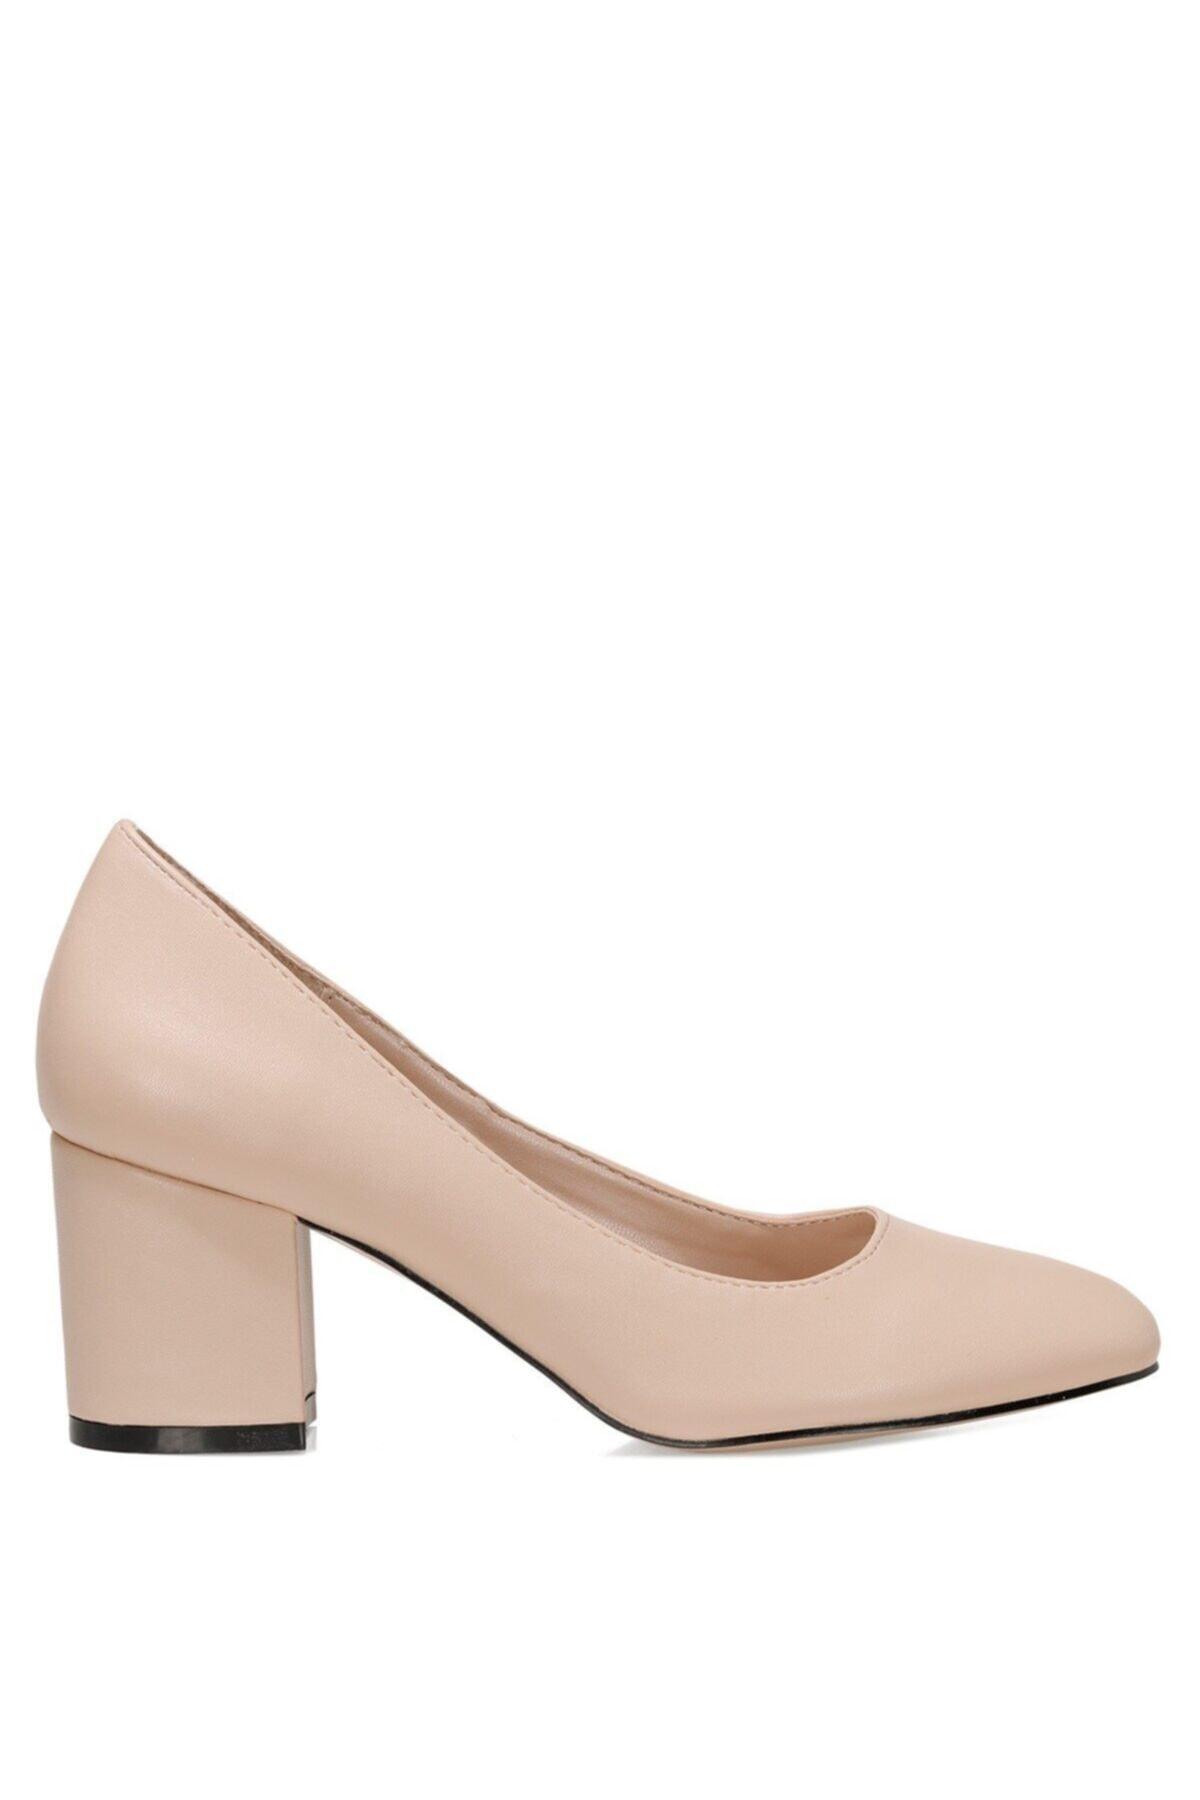 ULISEN 1FX NUDE Kadın Gova Ayakkabı 101029605